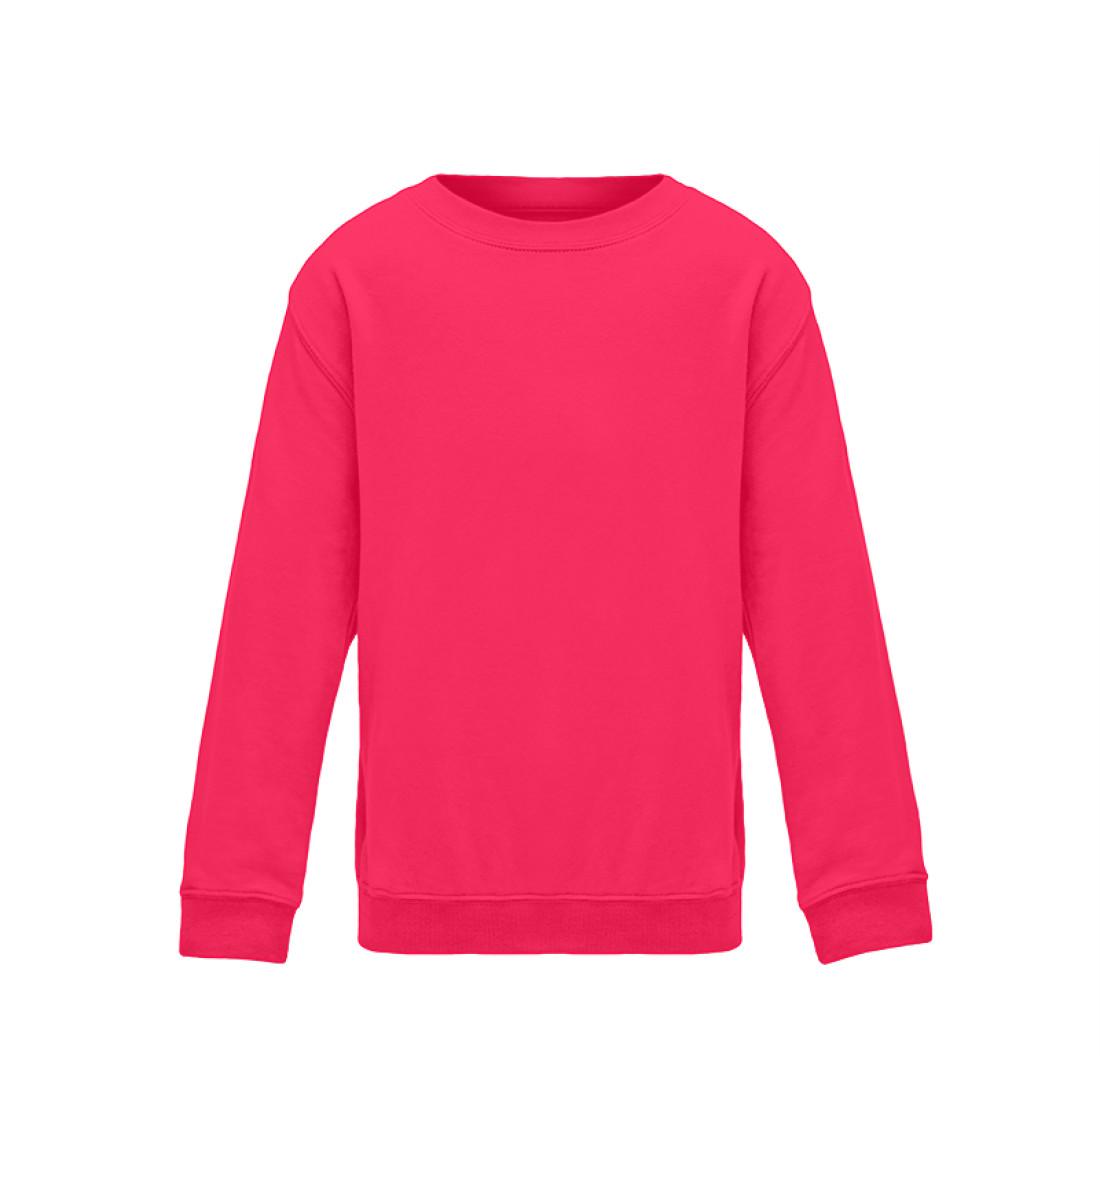 Beispiel - Kinder Sweatshirt-1610